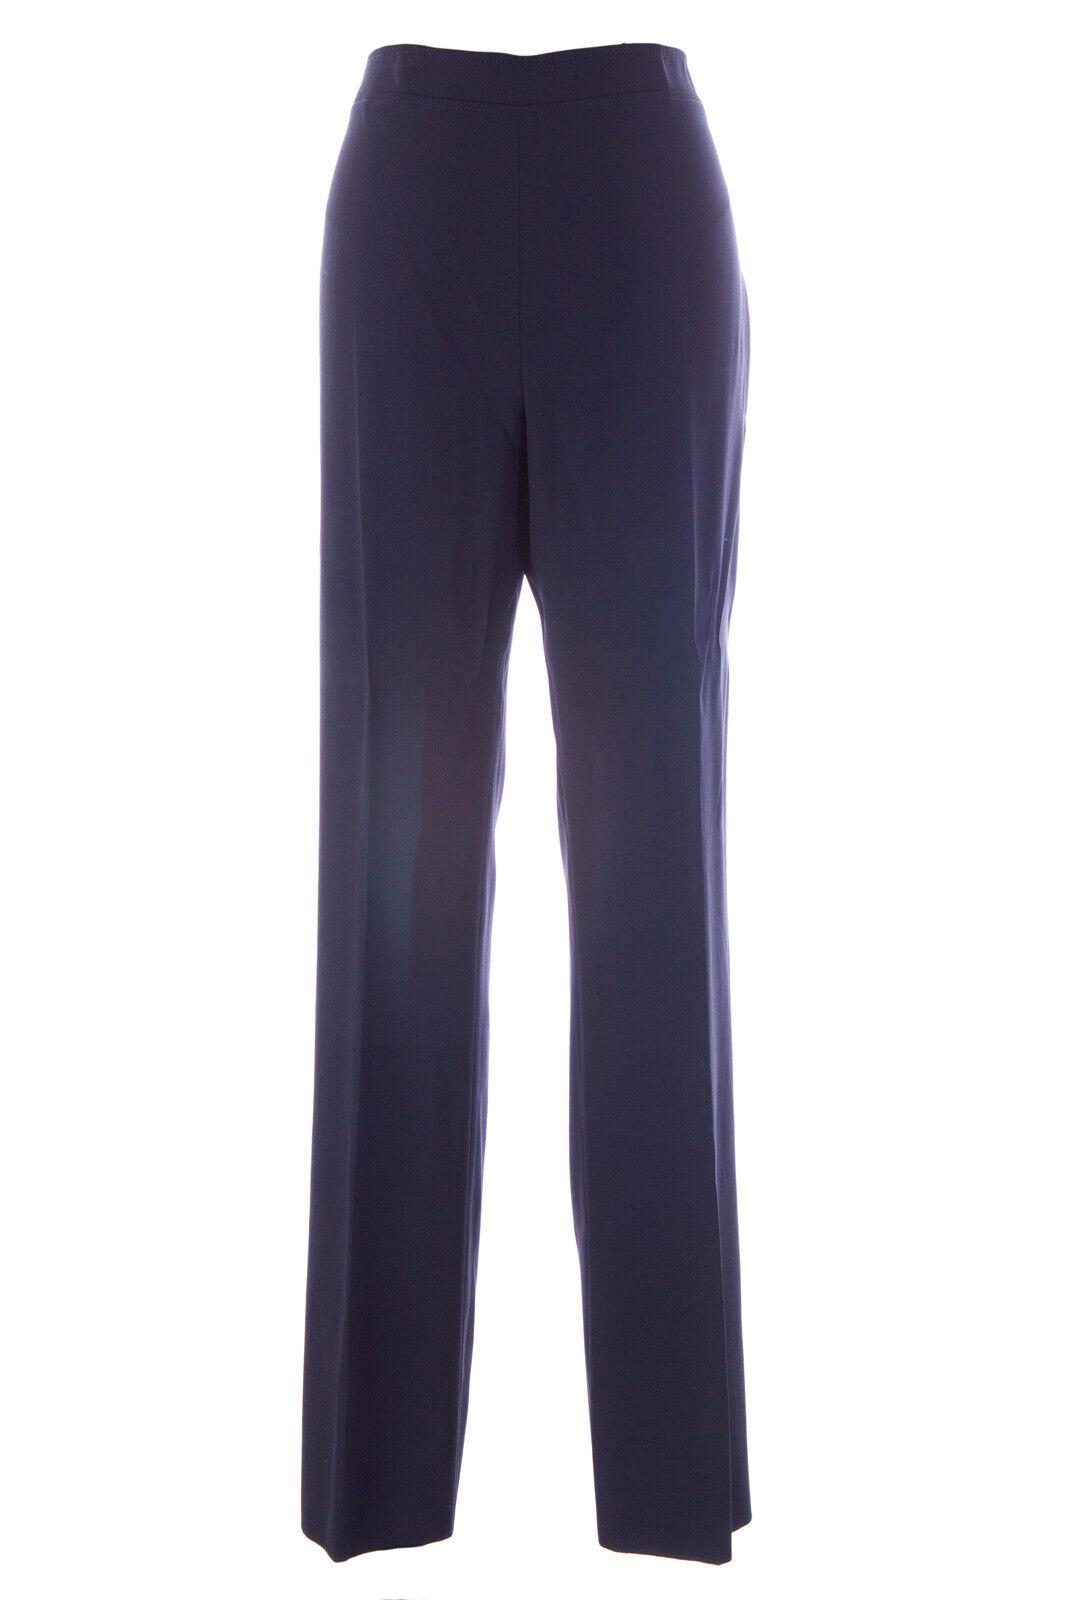 Universidad Seminole  Mujer Azul Marino Vestido de Pantalones frente plano SE2300 Talla 50  375 Nuevo  bienvenido a elegir